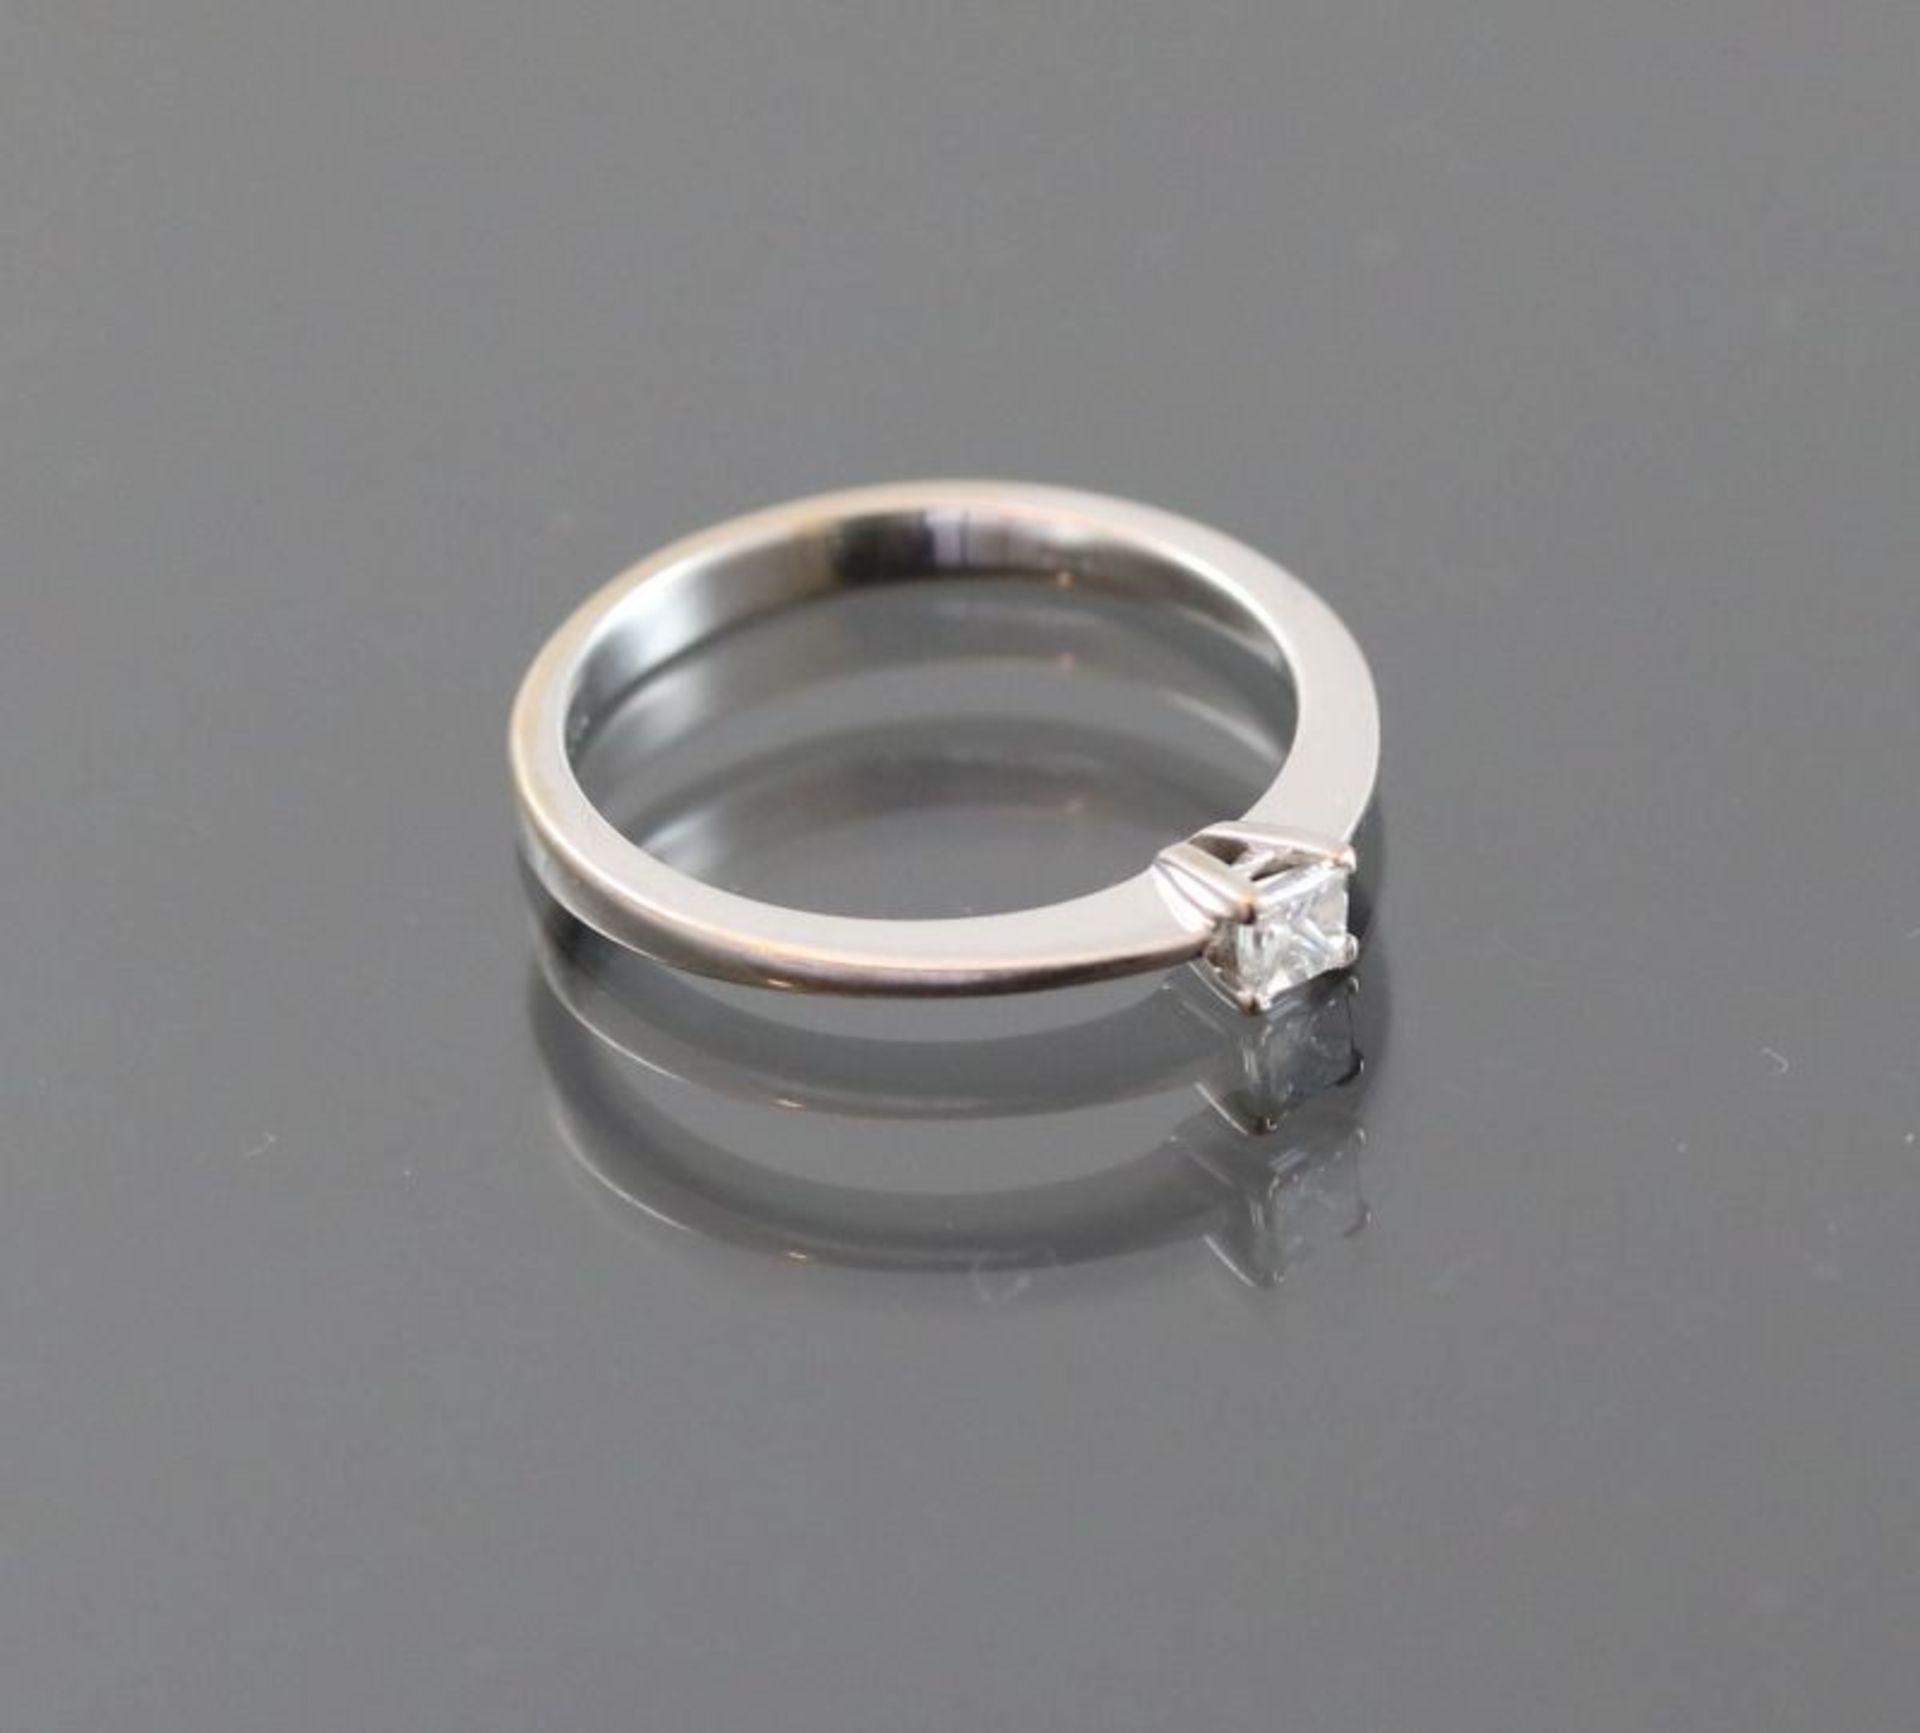 Diamant-Ring, 750 Weißgold2,5 Gramm 1 Diamantcarre, 0,15 ct., Ringgröße: 53,5Schätzpreis: 700,- - Bild 2 aus 3